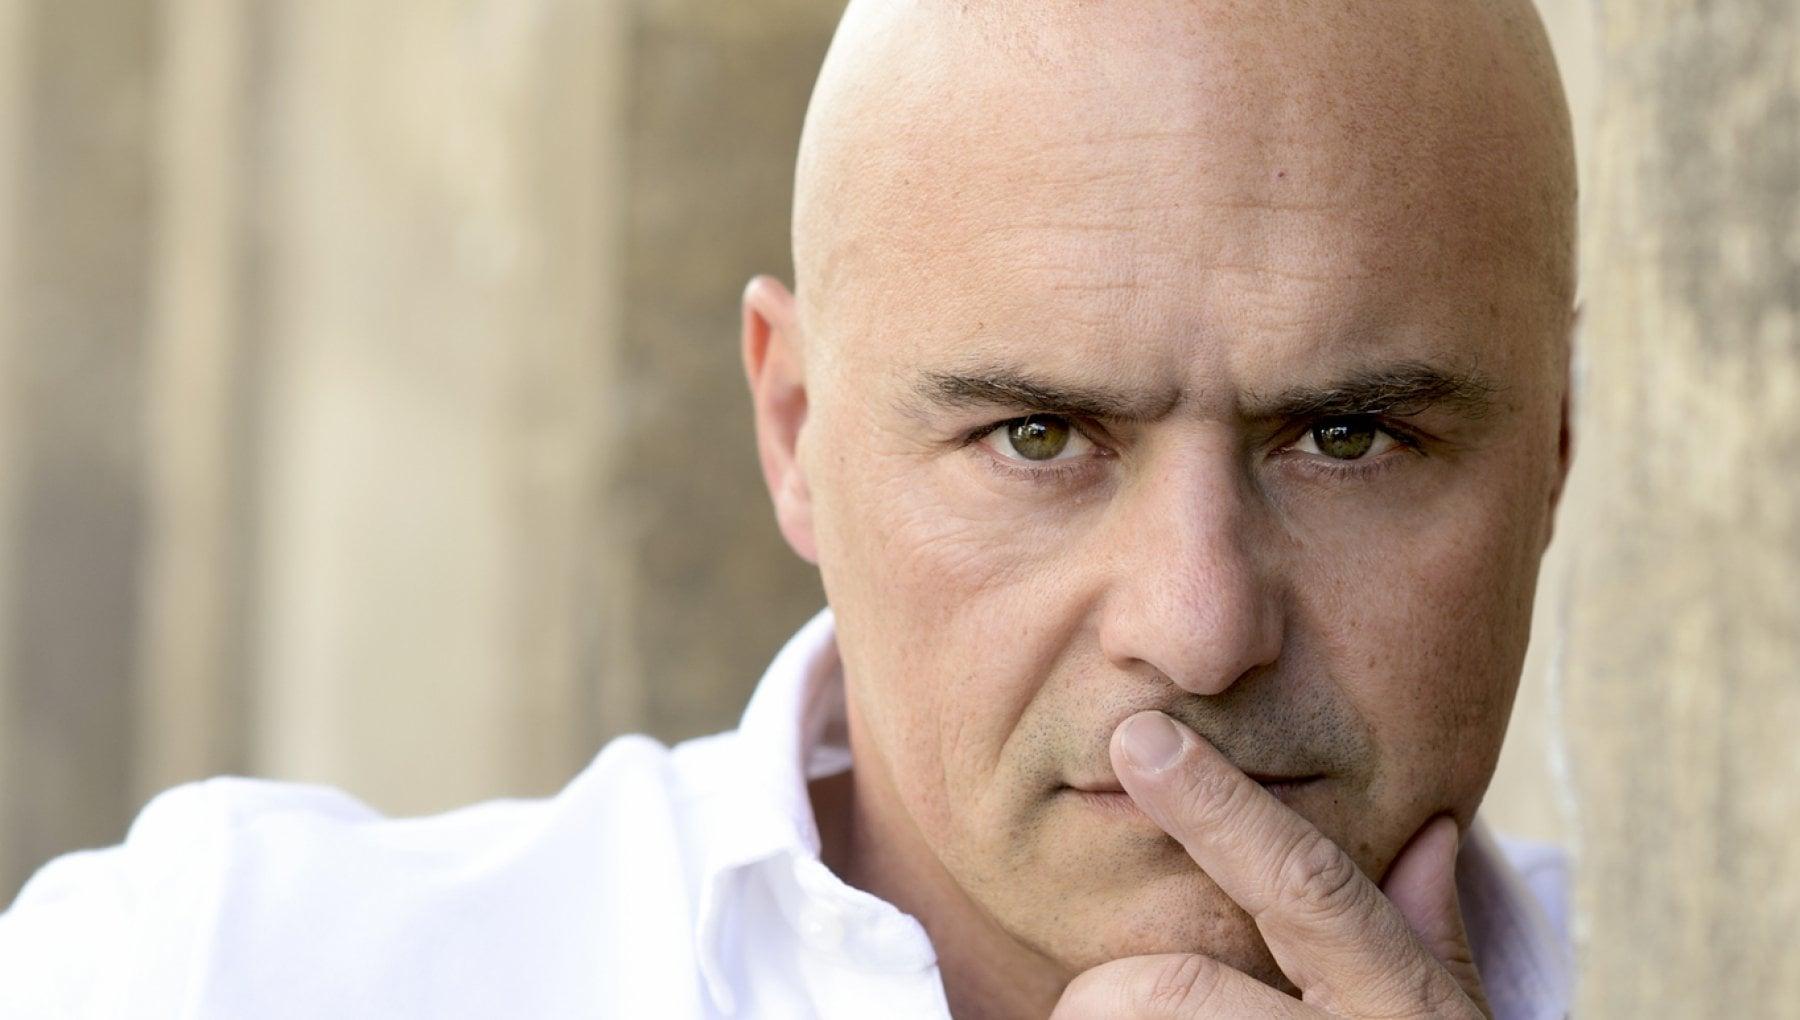 Luca Zingaretti: Utazom az időben, Garibaldi szeretnék lenni